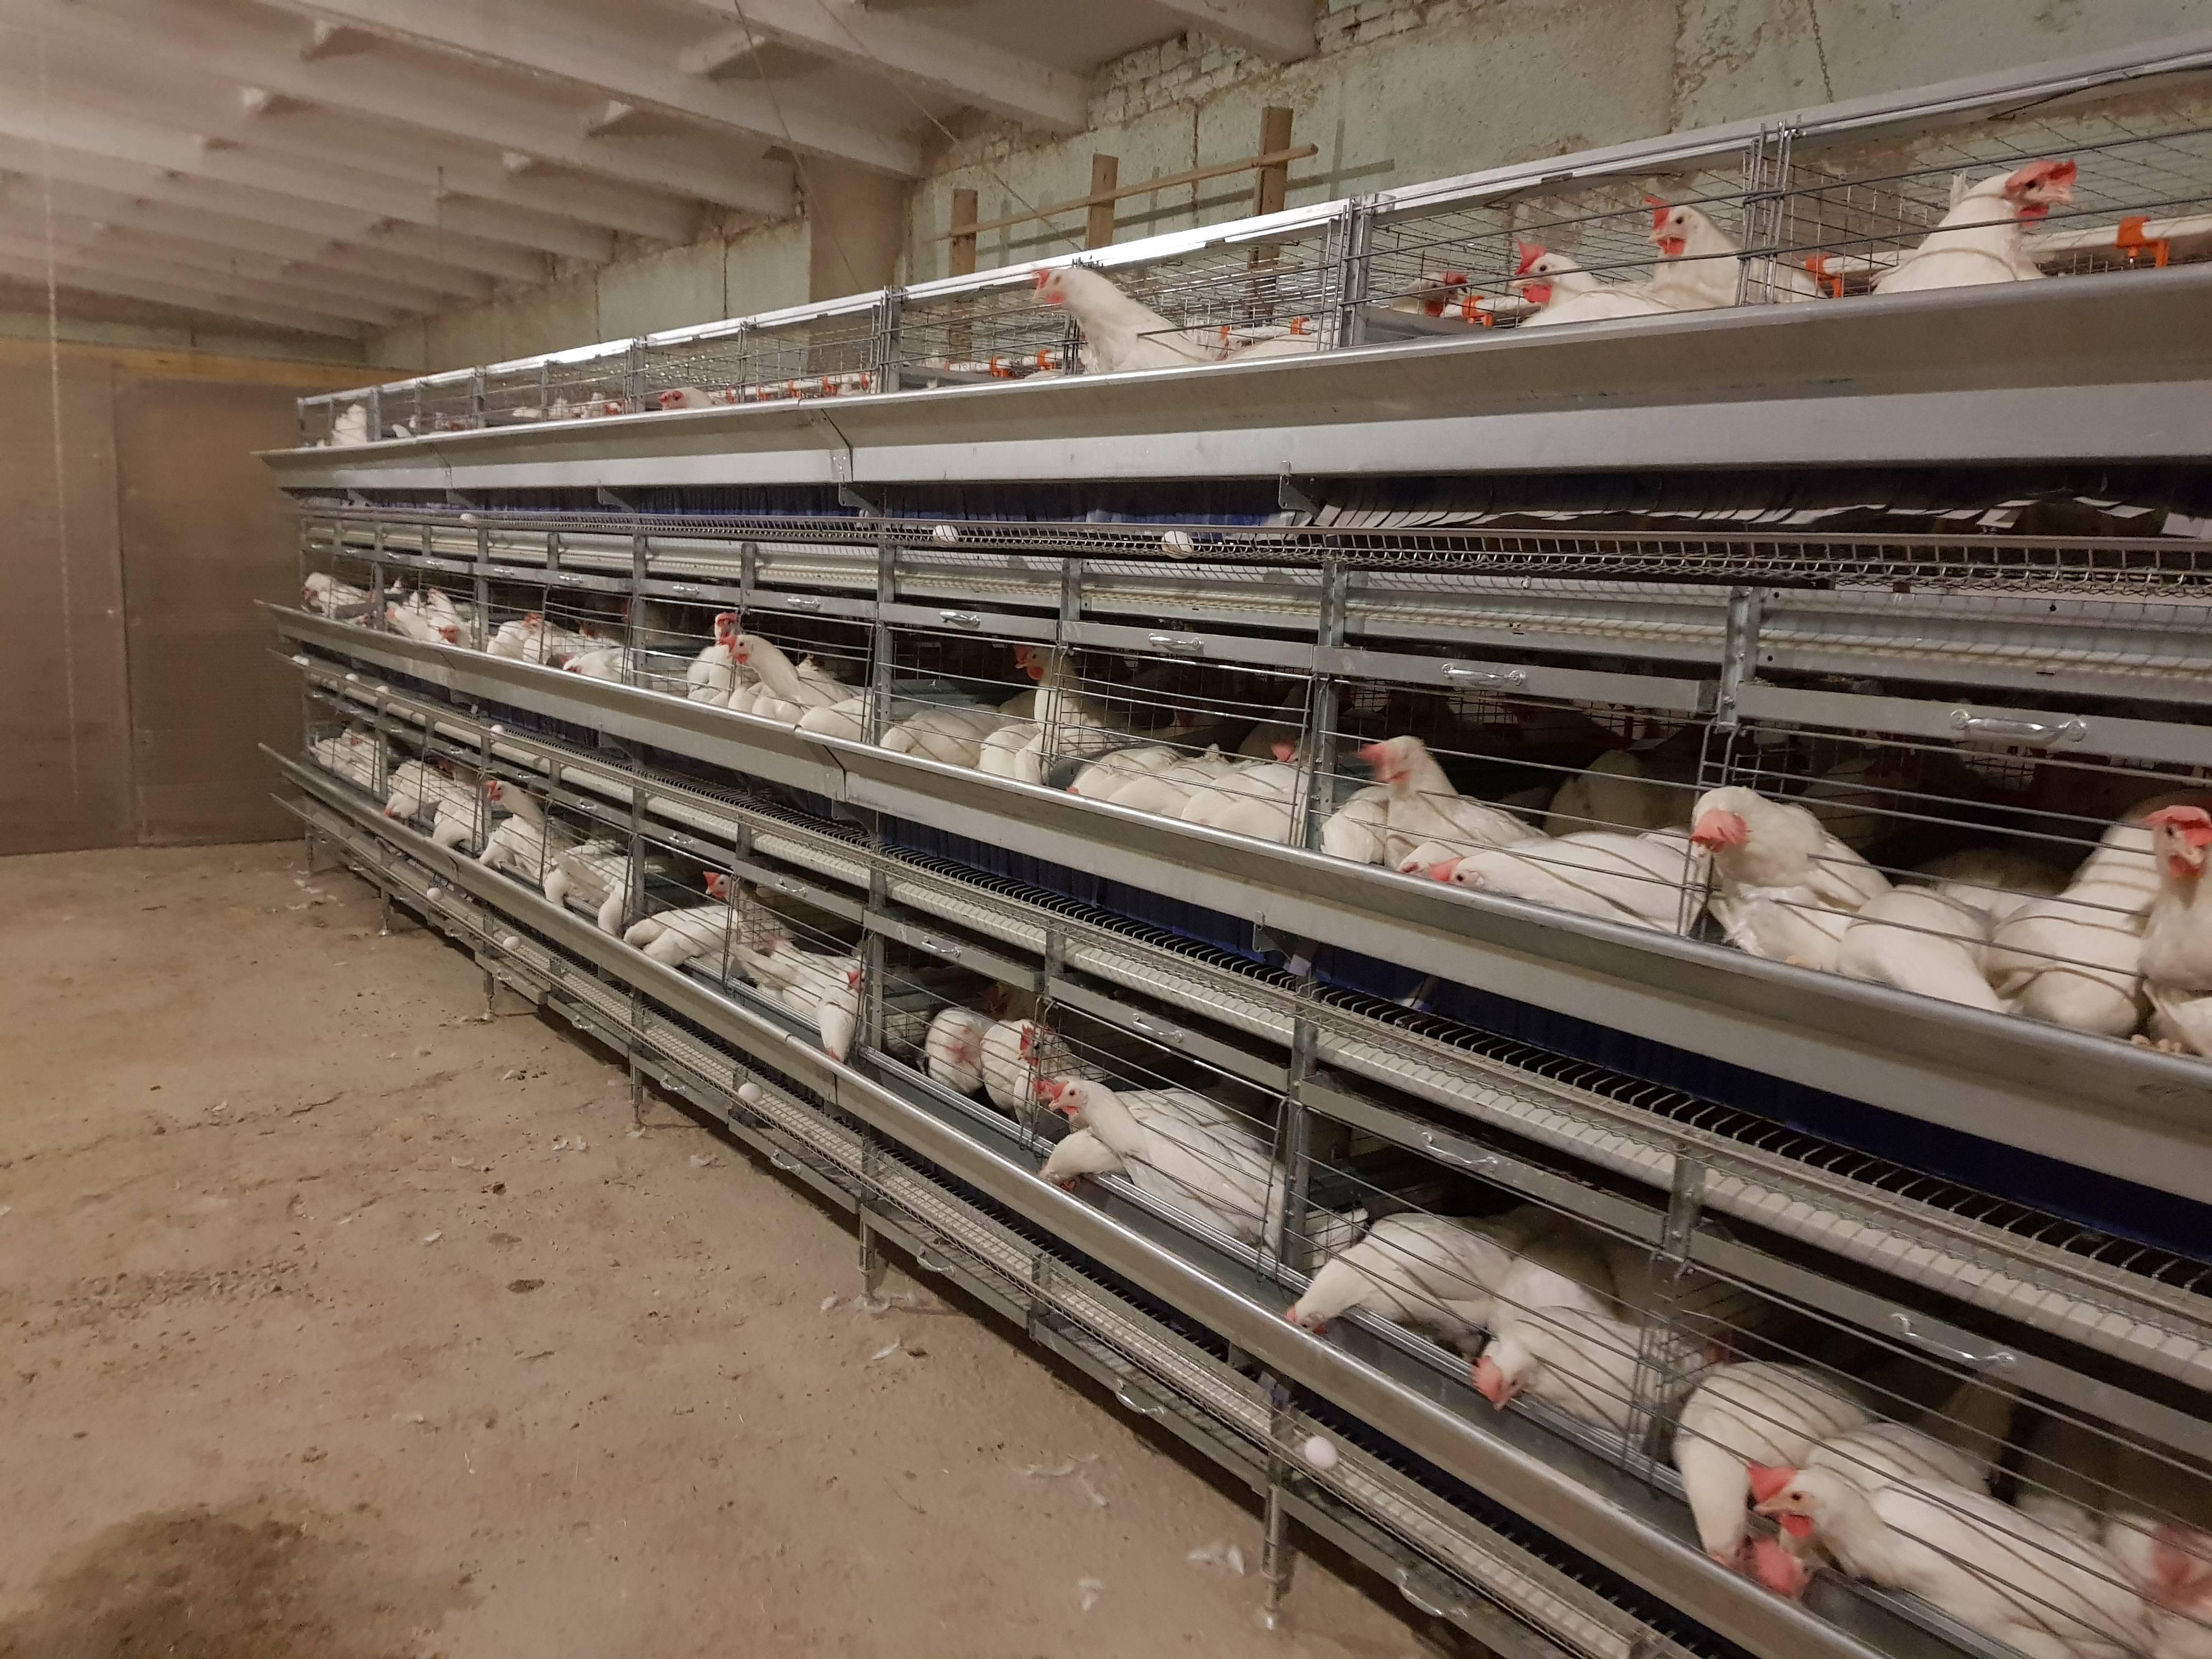 Клетки для кур: чертежи, проекты и лучшие модели. советы начинающим фермерам и лучшие модели для домашнего выращивания птицы (90 фото)